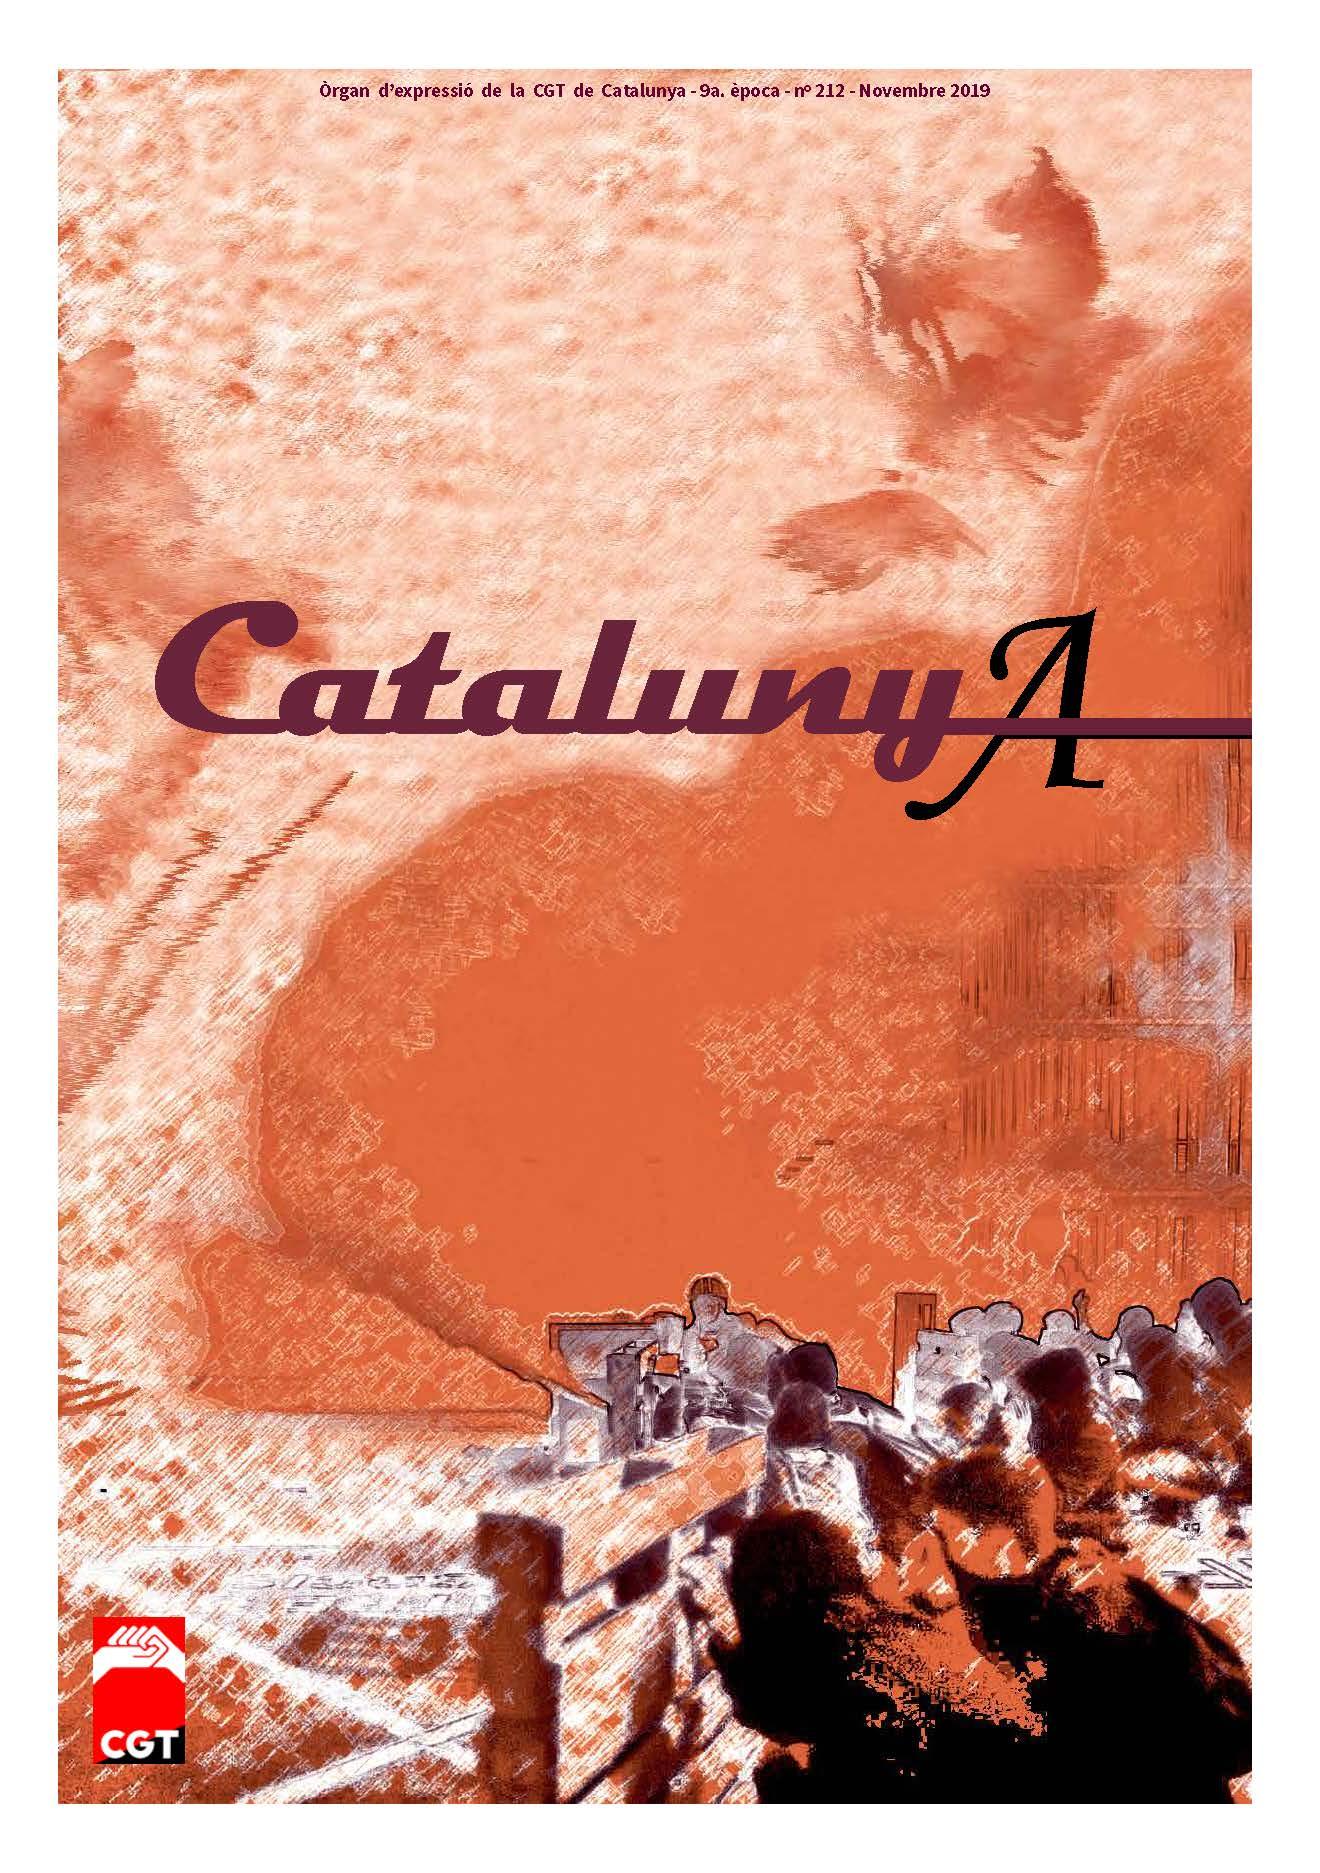 Catalunya 212